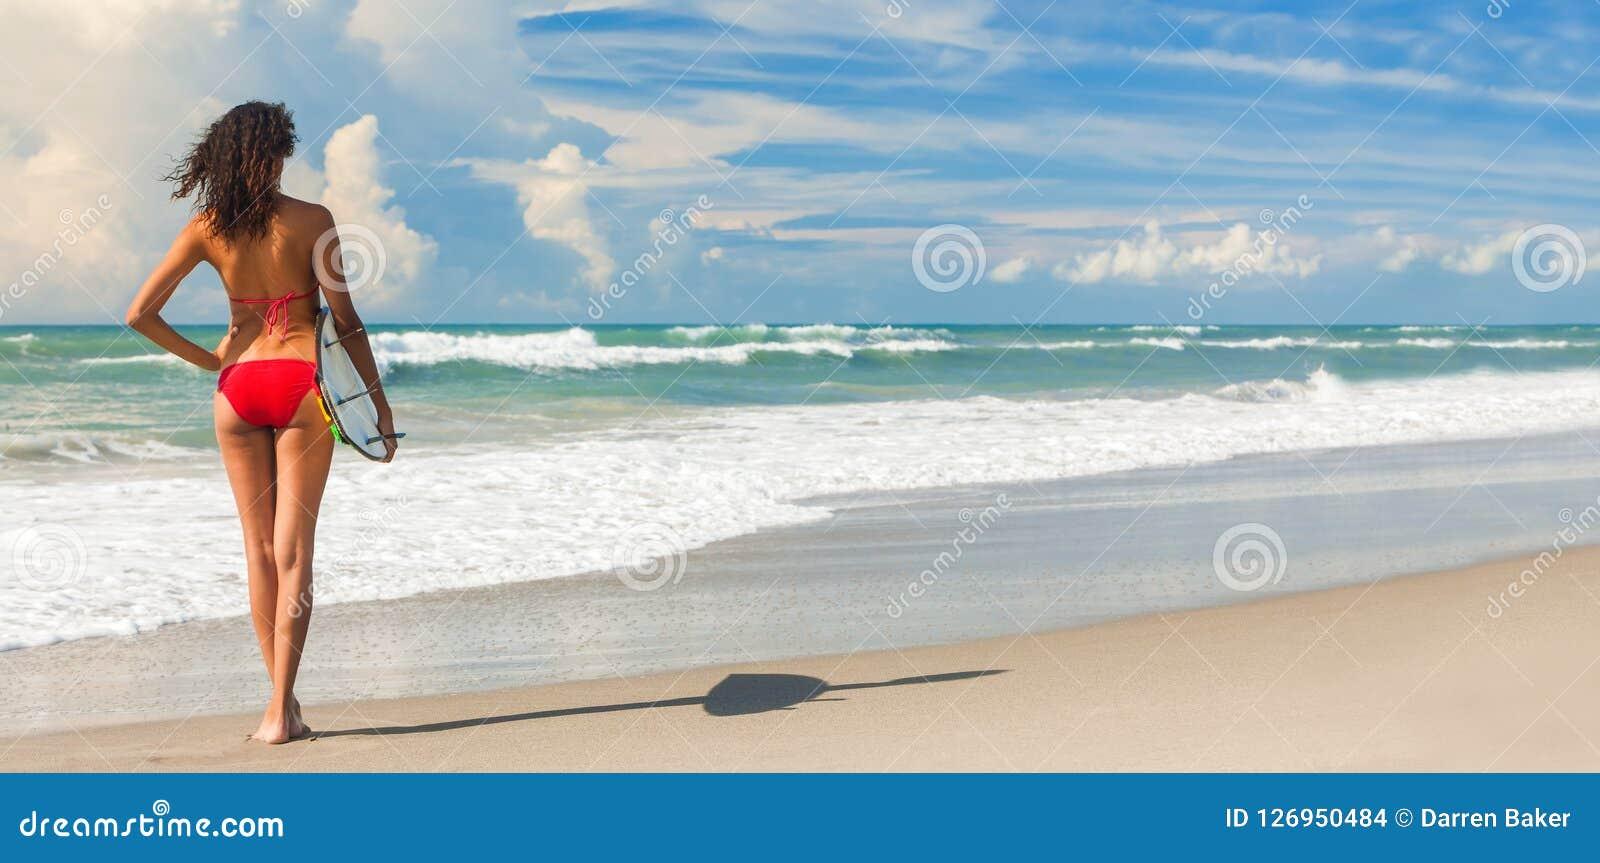 Schönes Bikini-Frauen-Mädchen-Surfer-u. Surfbrett-Strand-Panorama